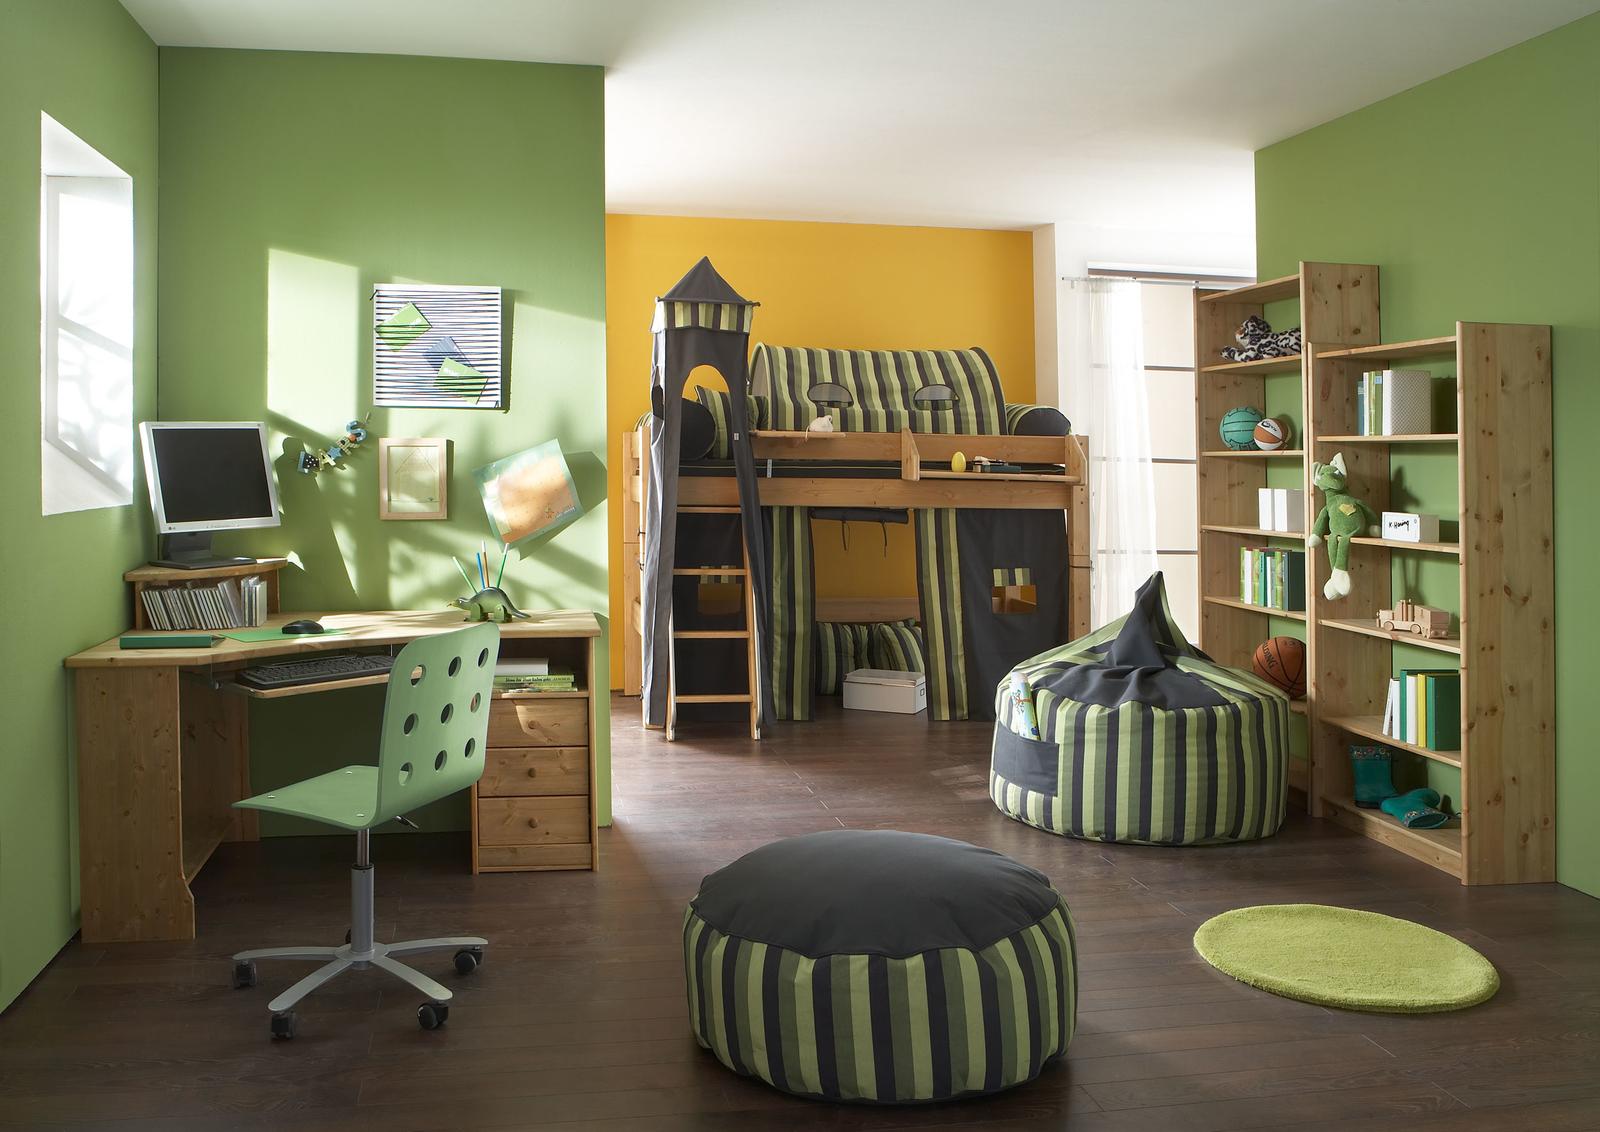 Full Size of Kinderzimmer Hochbett Forest Aus Massivholz Von Dolphin Gnstig Tapeten Für Küche Tagesdecken Betten Die Heizkörper Bad Regal Dachschräge übergewichtige Kinderzimmer Bilder Für Kinderzimmer